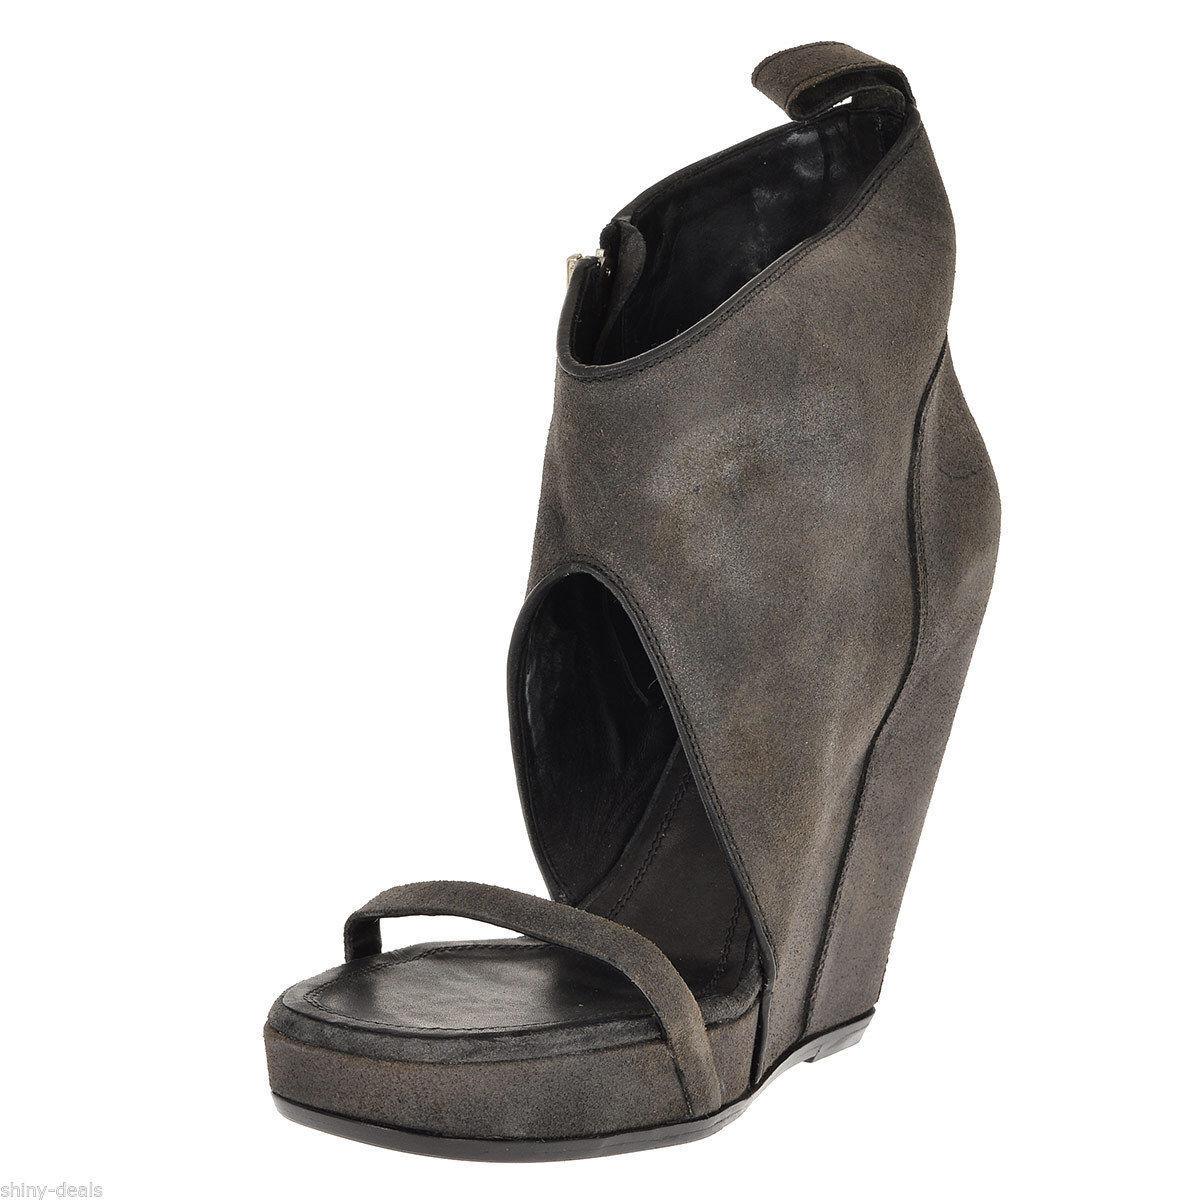 Rick Owens Nuevo Mujer gris Oscuro Cuero Cuña Sandalias Mulas Mulas Mulas Zapatos Talla 41  1132  envio rapido a ti